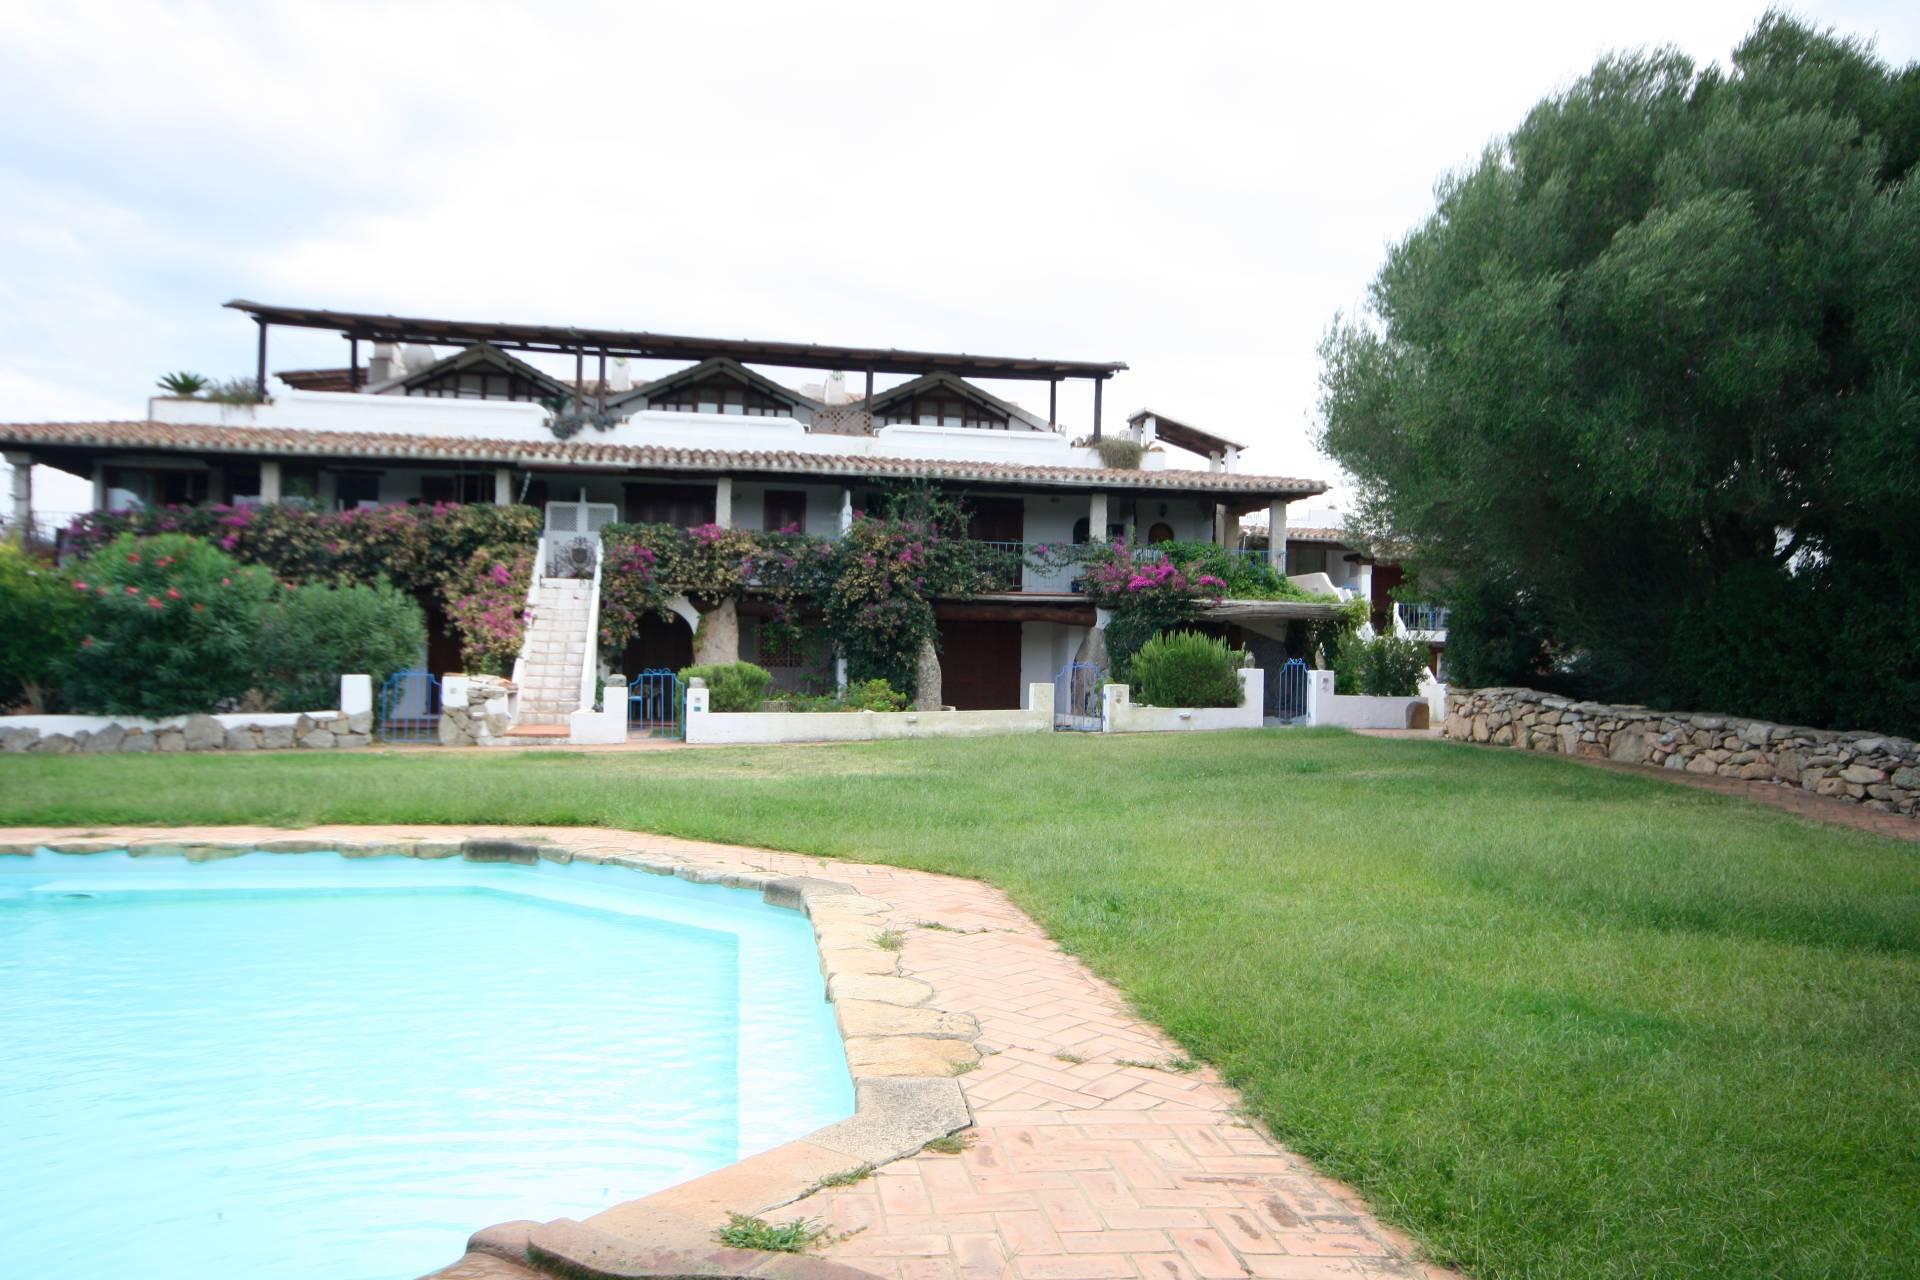 Immobile Turistico in affitto a Olbia - Porto Rotondo, 4 locali, prezzo € 315 | CambioCasa.it